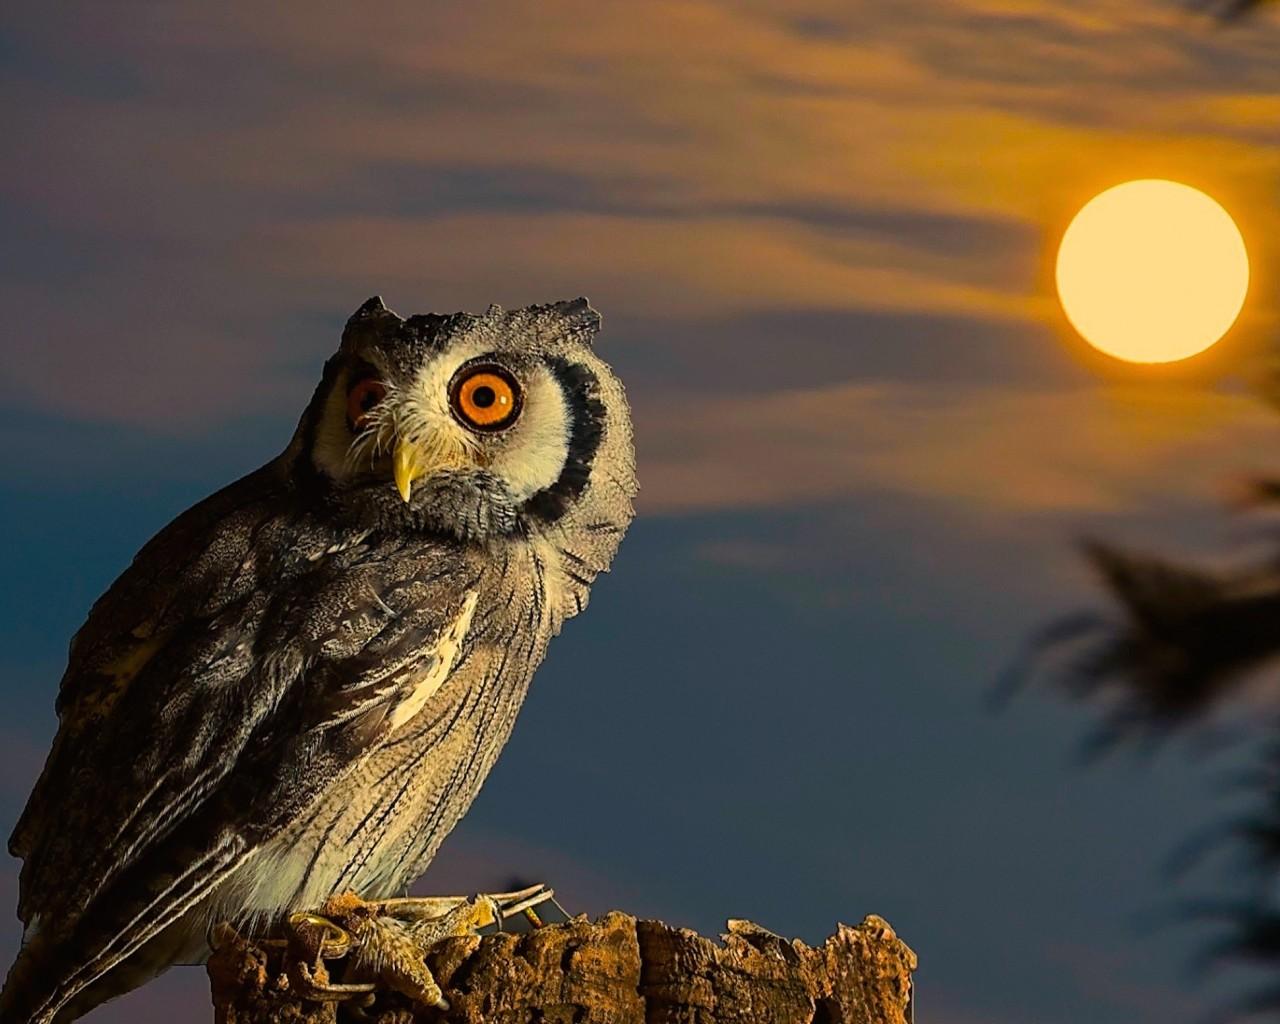 Cute Baby Pc Wallpaper Owl Full Moon Hd Wallpaper Free Hd Owl Downloads